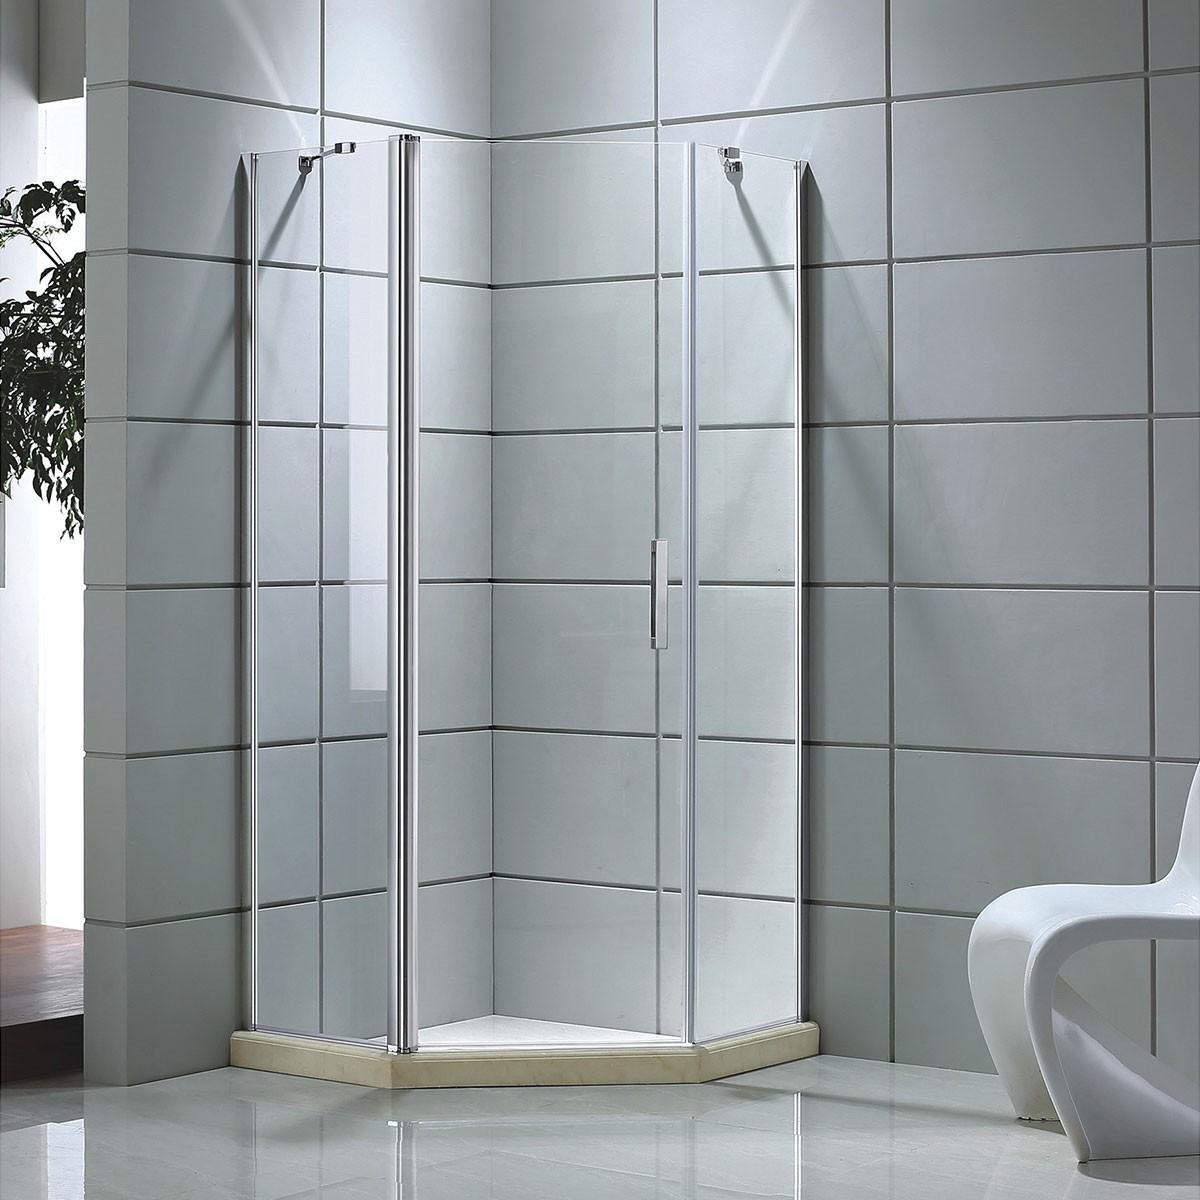 35 x 35 In. Neo-angle Shower Door (DK-D504-90)